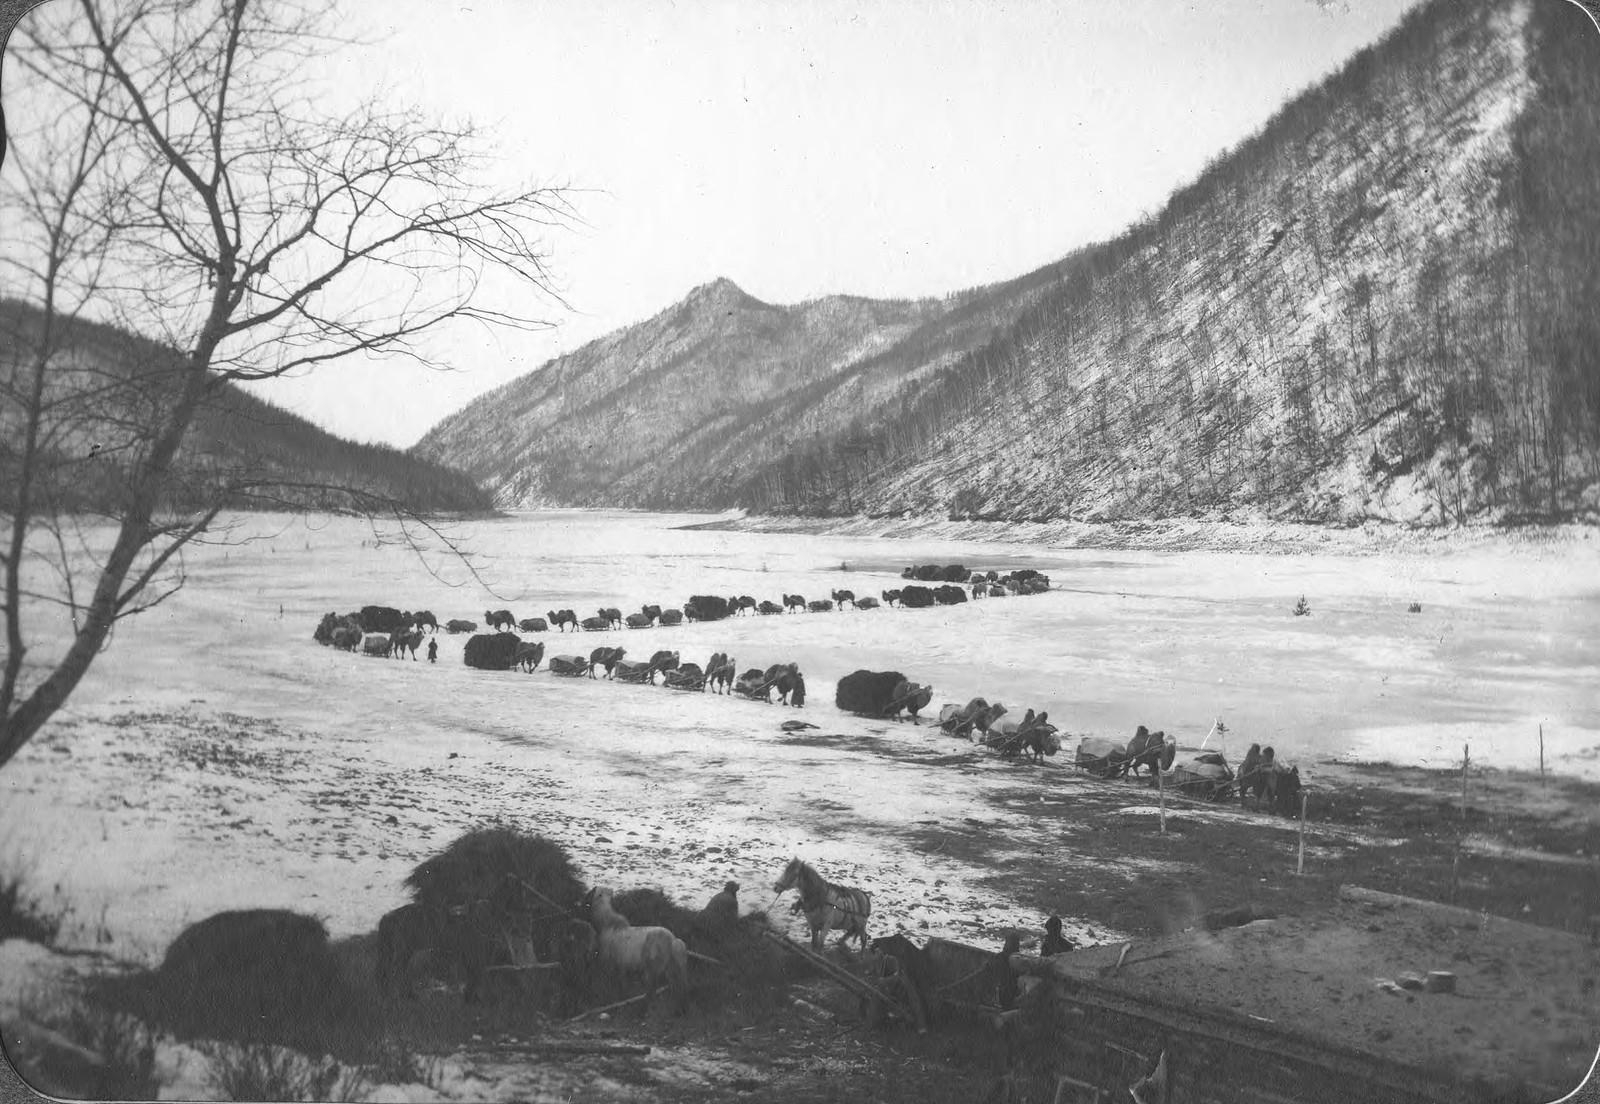 Движение каравана верблюдов по льду реки Зеи близ устья реки Гилюй.